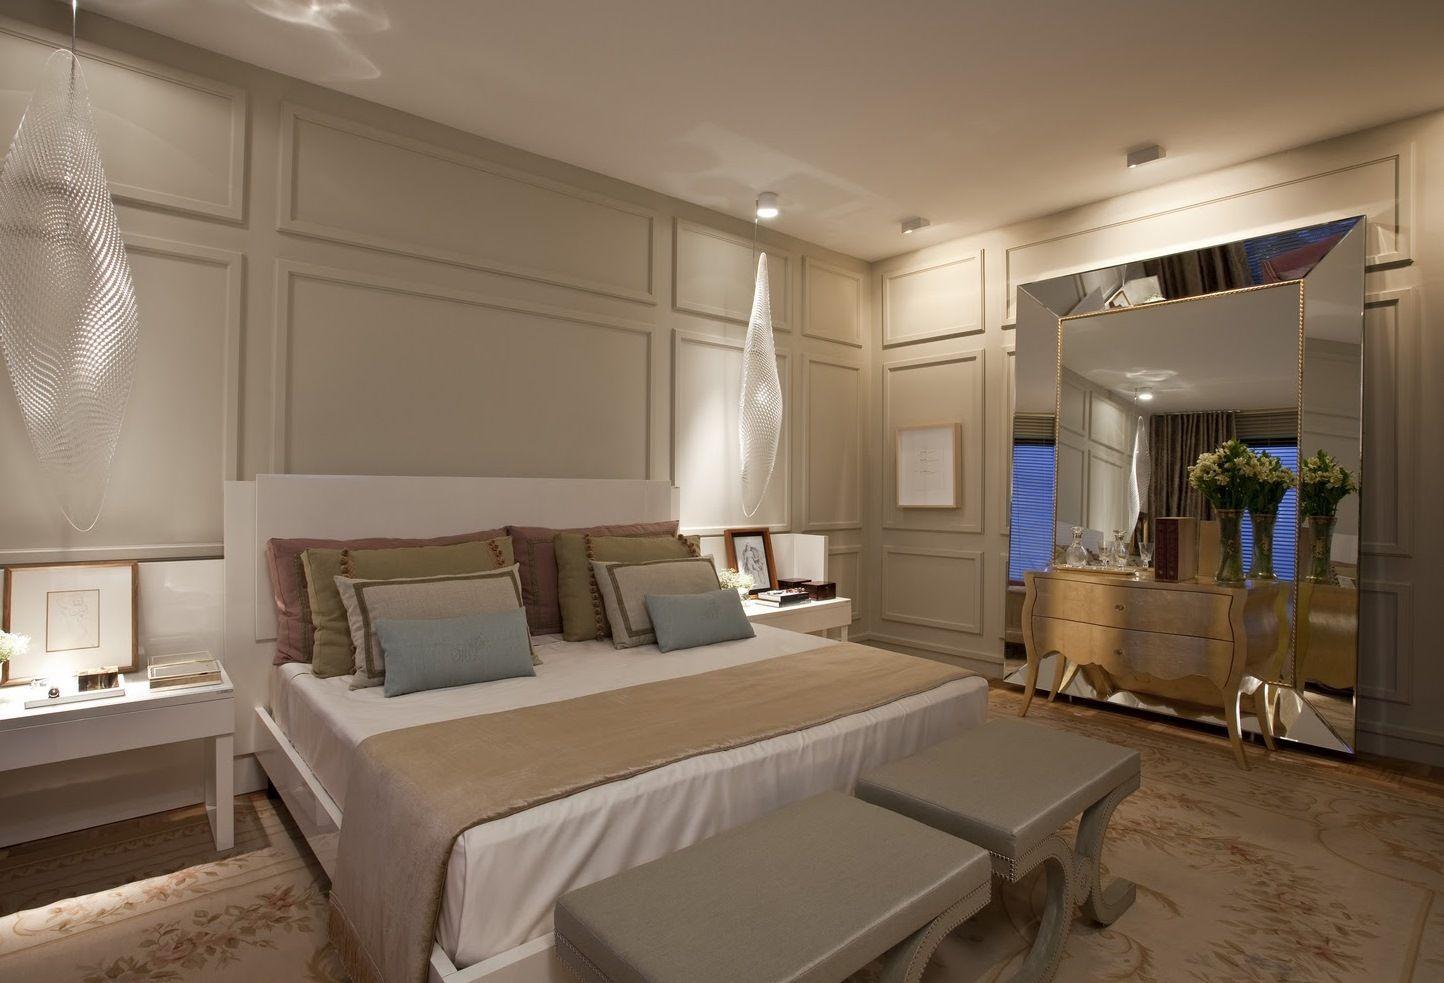 Dormitório de casal com iluminação pendente Dormitório  ~ Quarto Casal Gesso